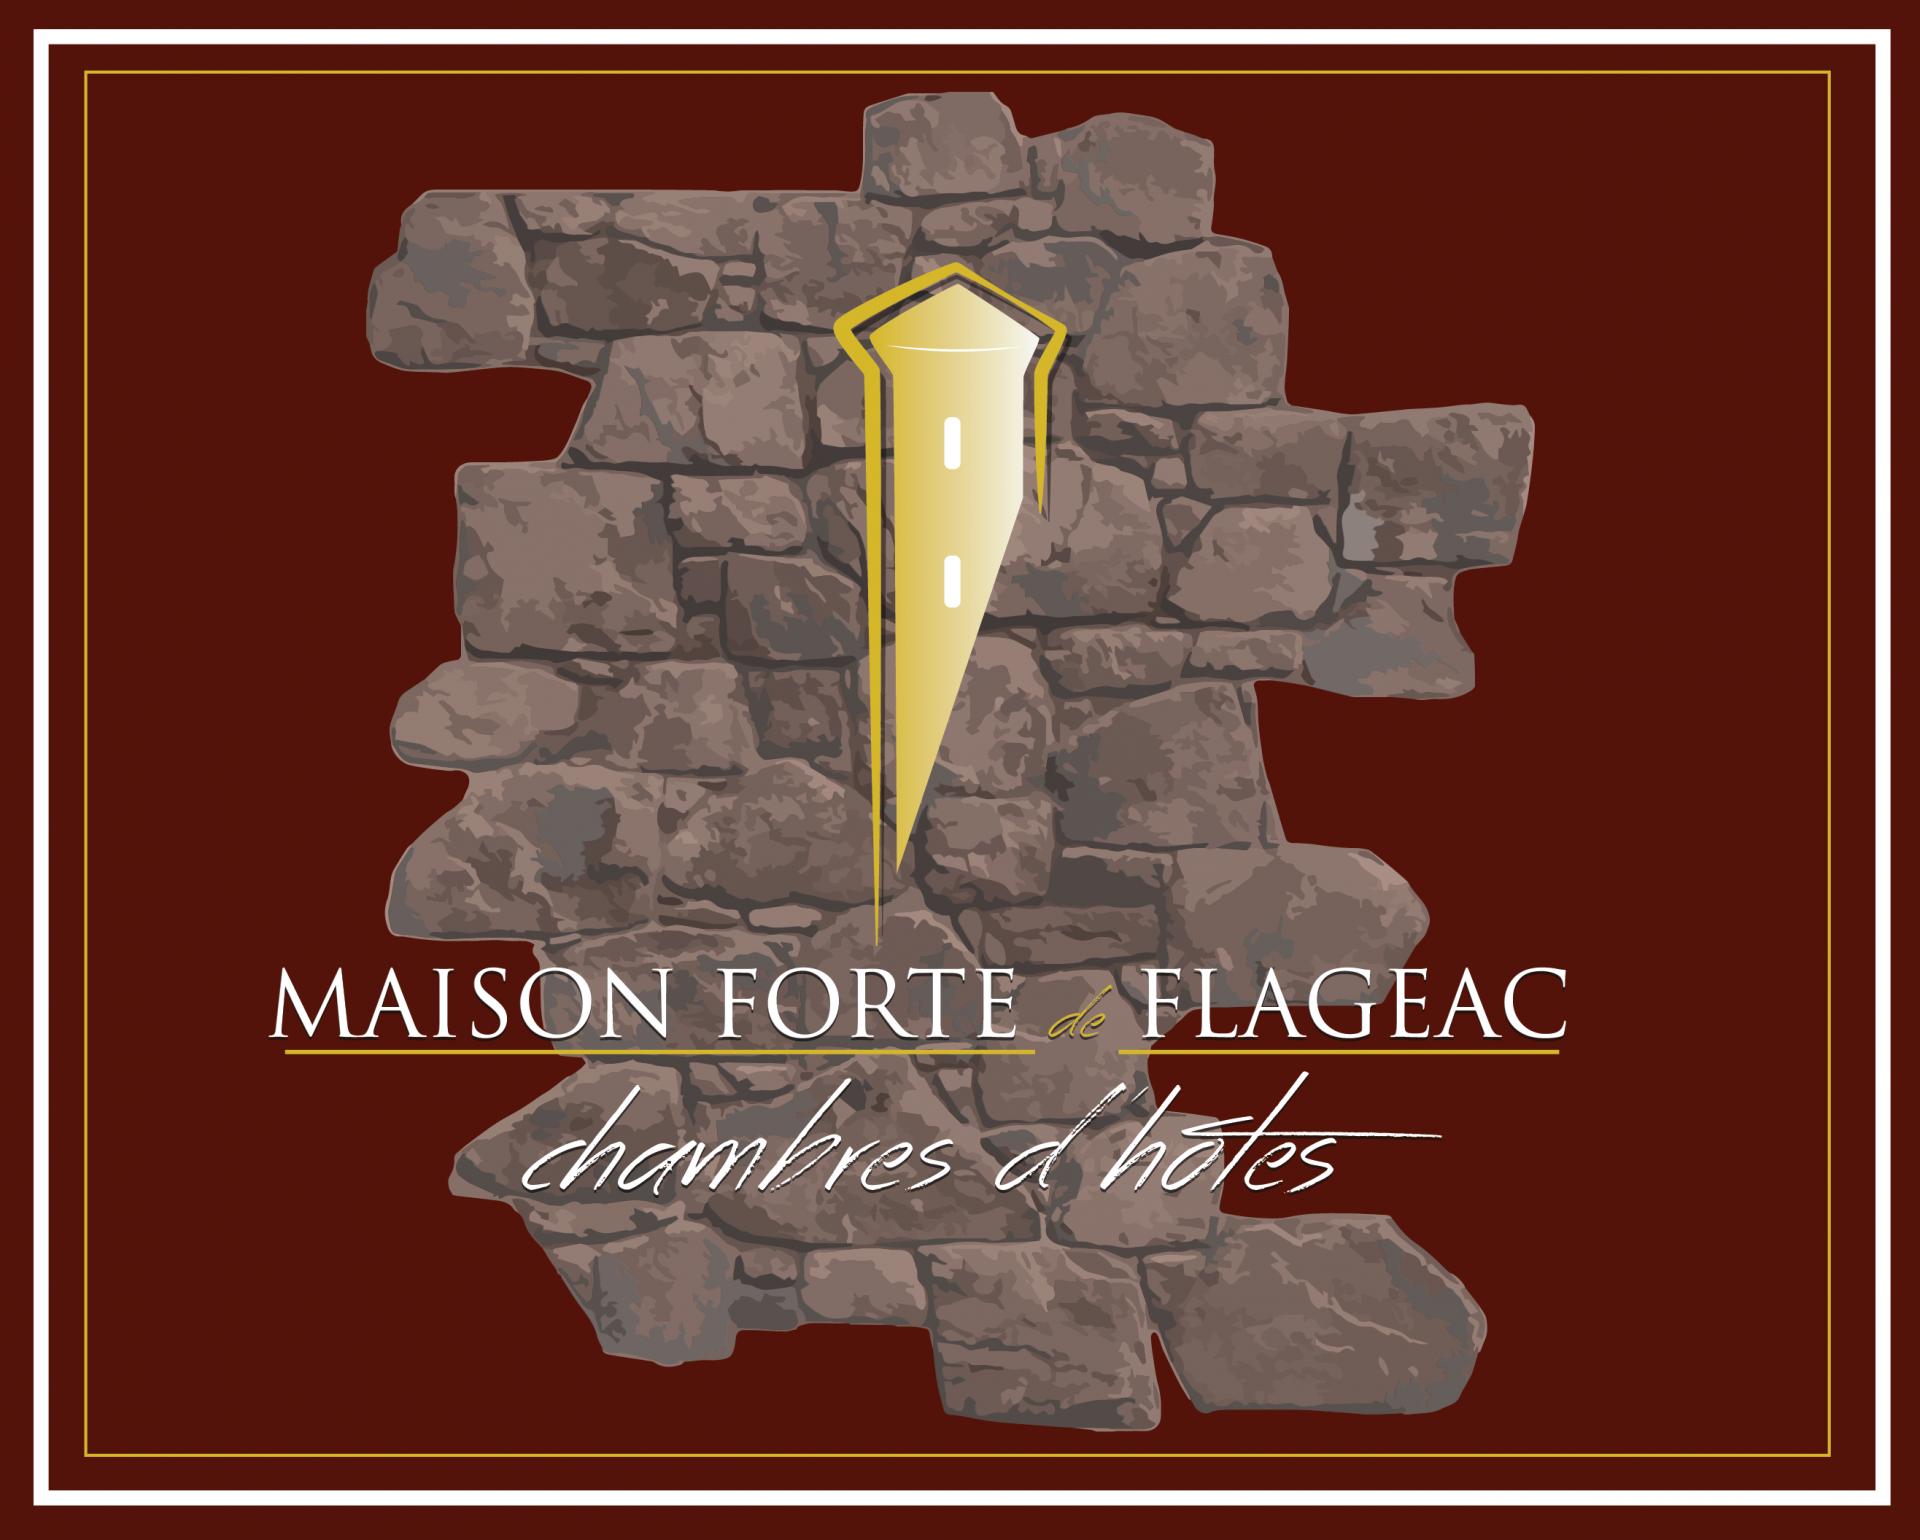 Logomefflageac final